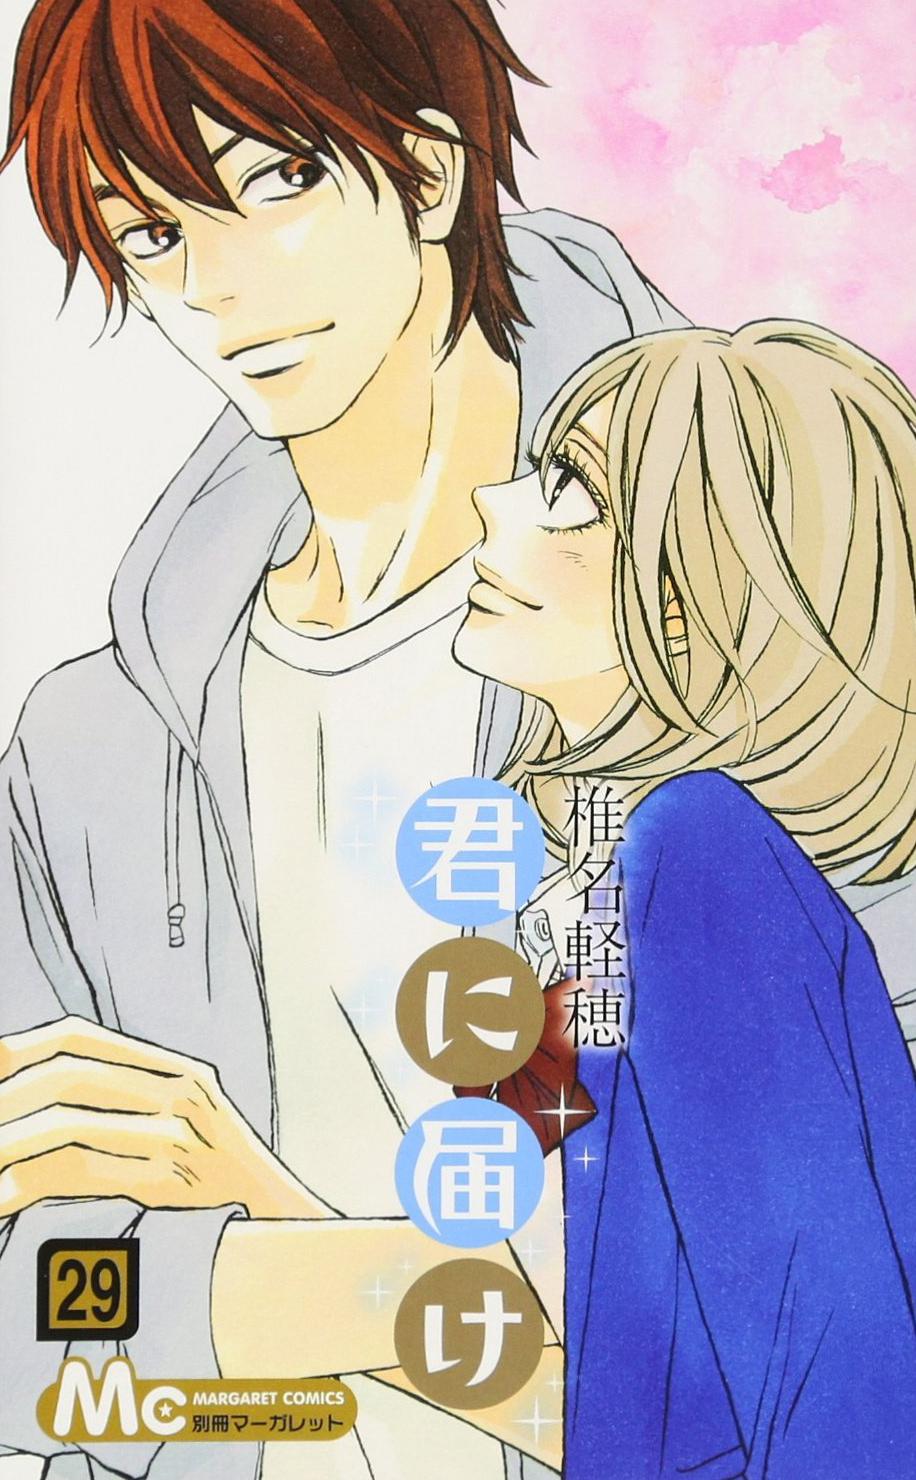 El manga Kimi ni Todoke cuenta con fecha de finalización